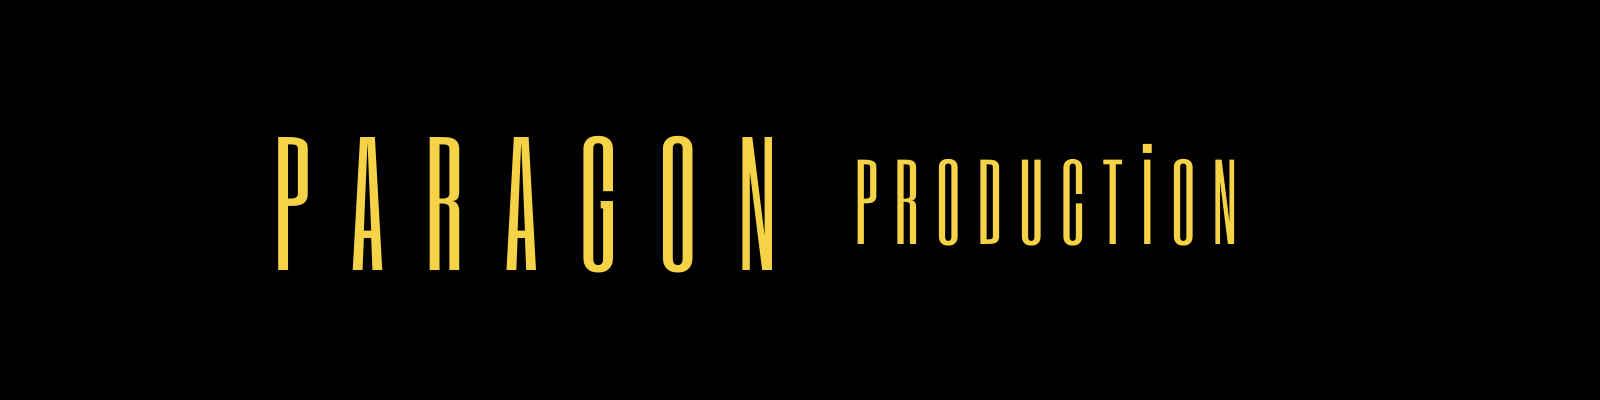 Paragon Yapım | Prodüksiyon ve Medya Şirketi banner fotograf